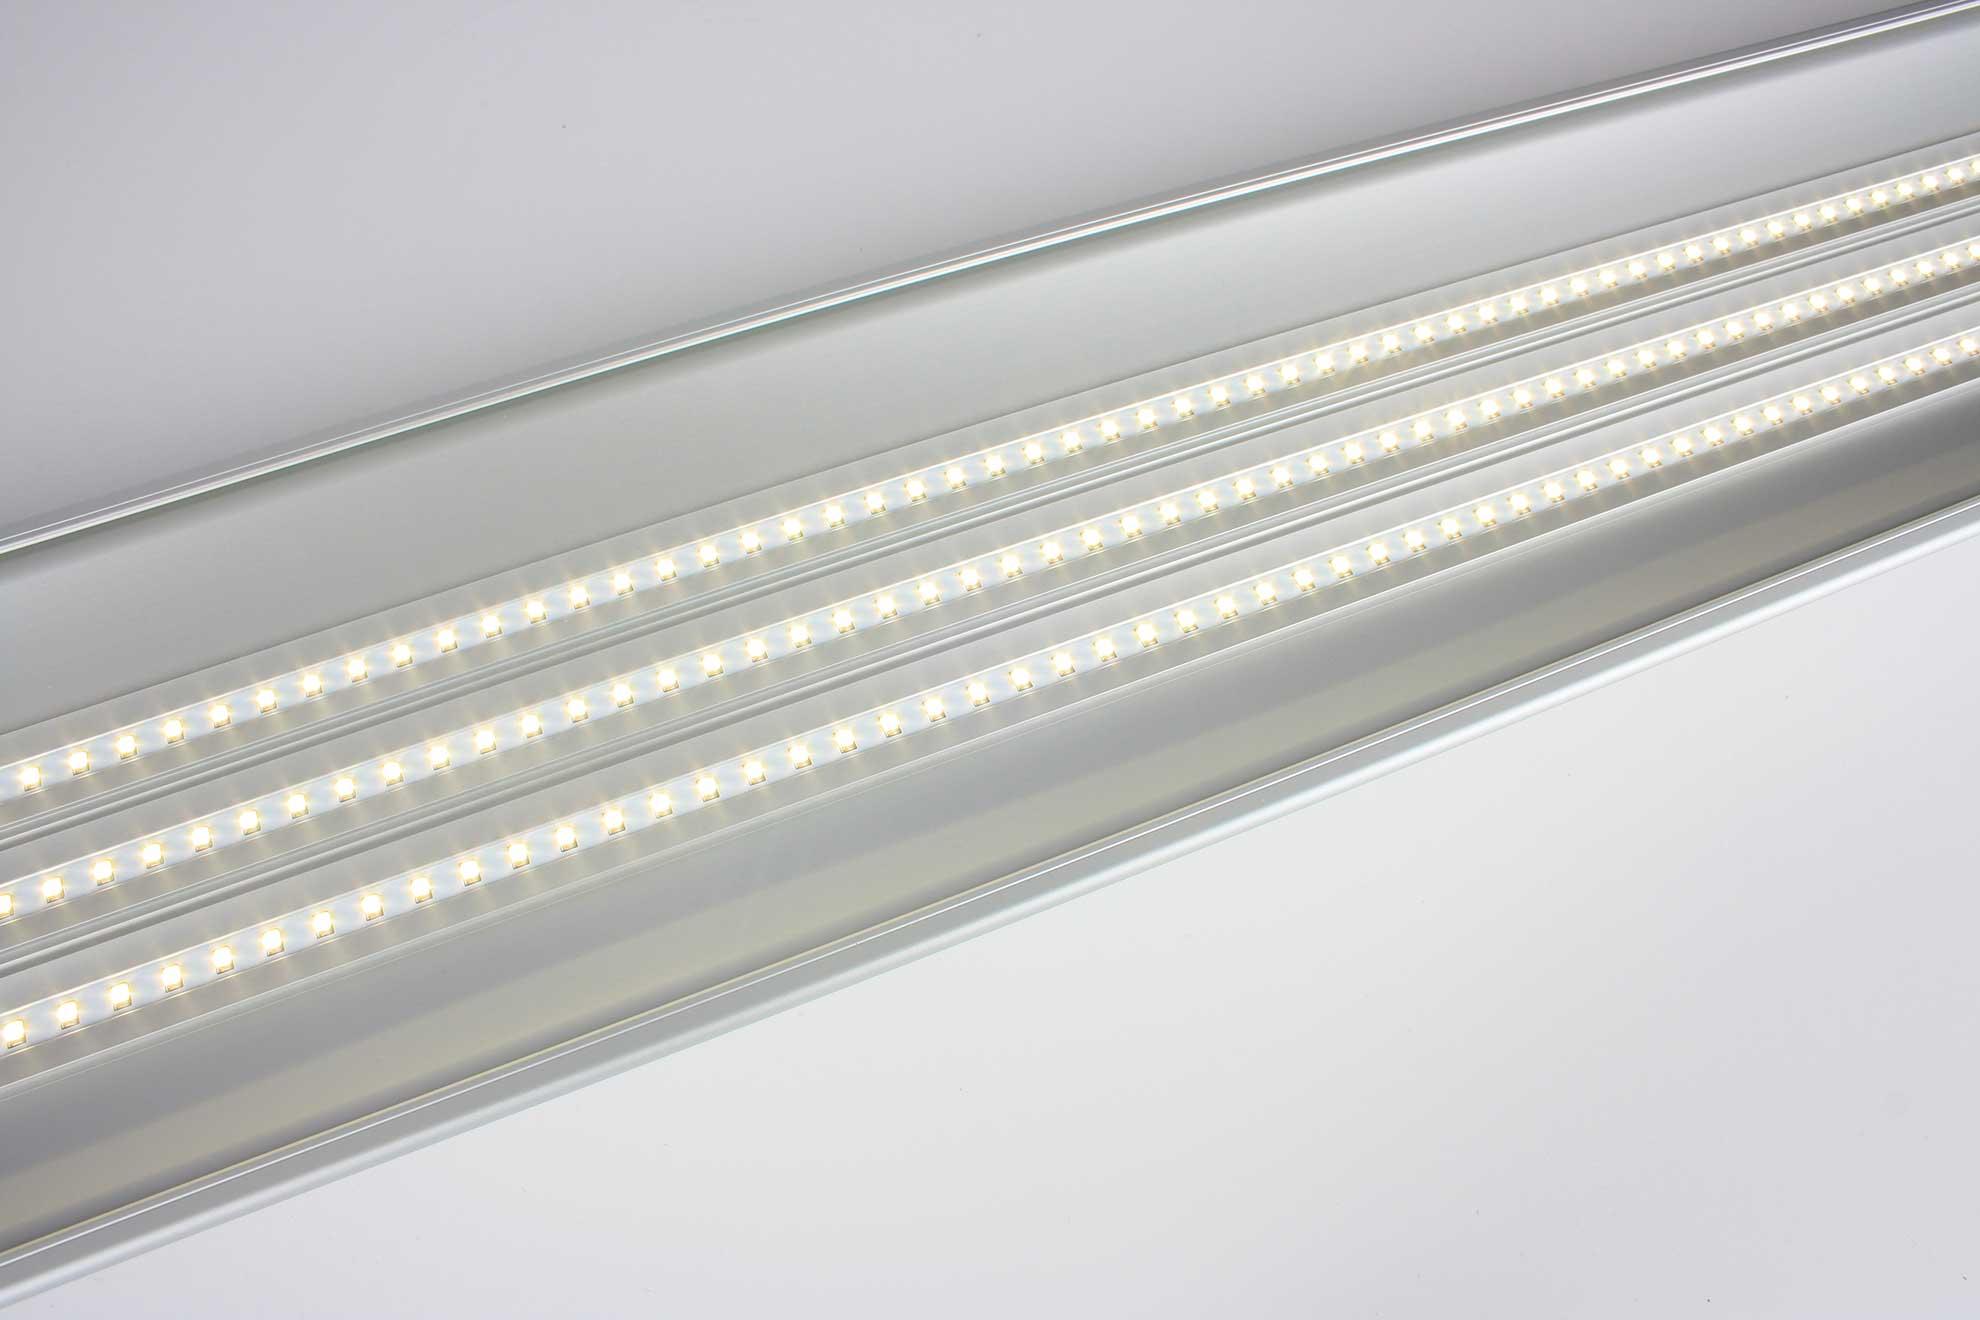 Plafoniere Neon 150 Cm : Plafoniere a led lineari per soffitto di diverse dimensioni